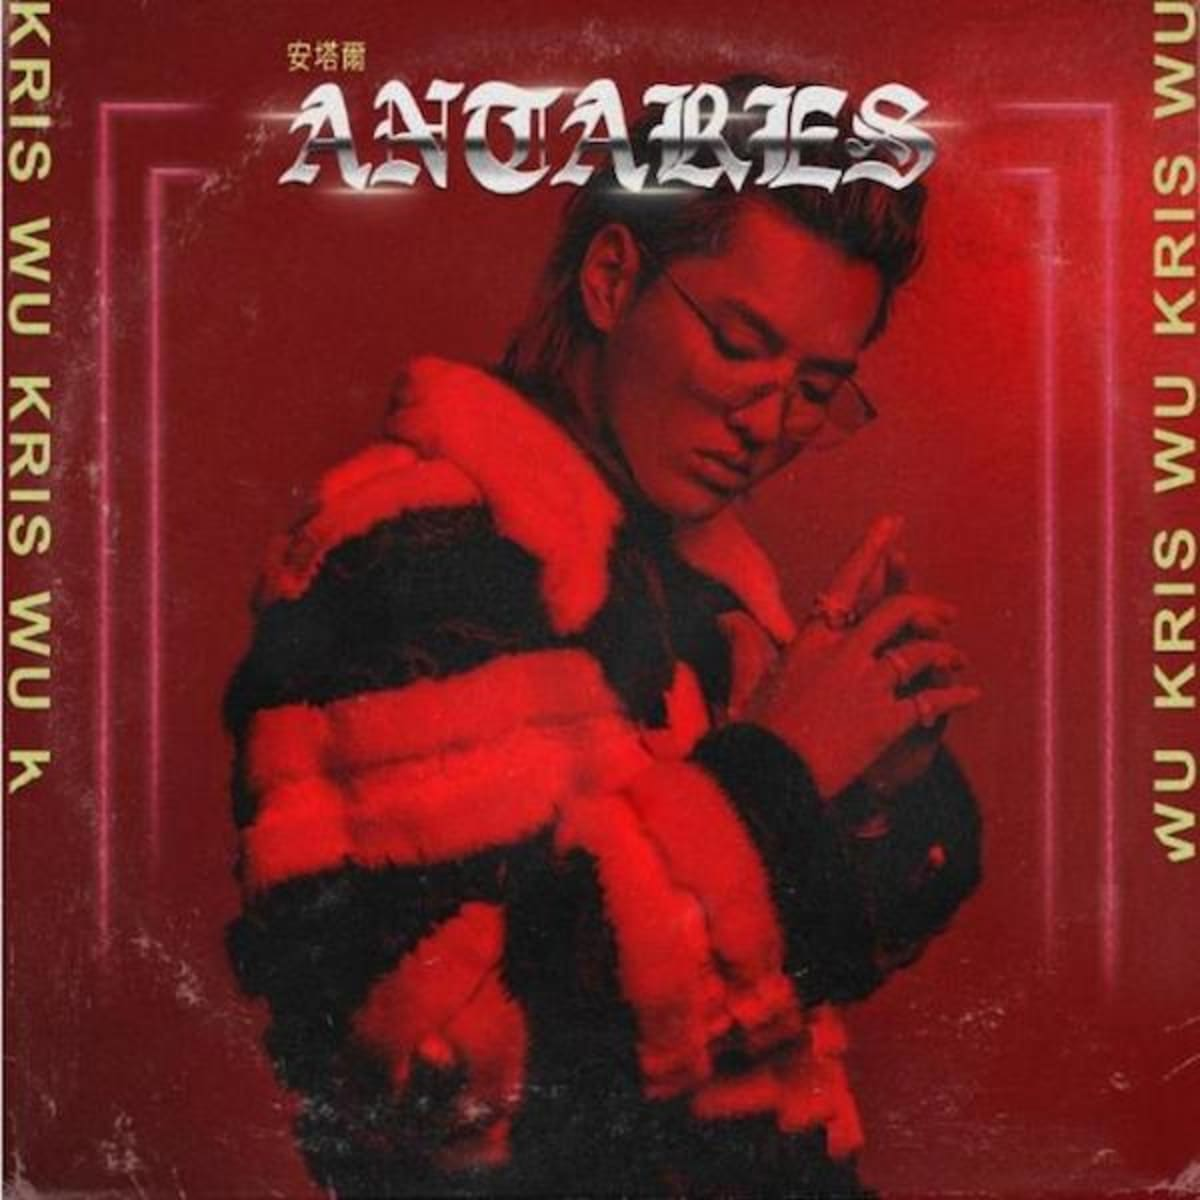 Kris Wu tem álbum retirado do iTunes após polêmica envolvendo o uso de bots